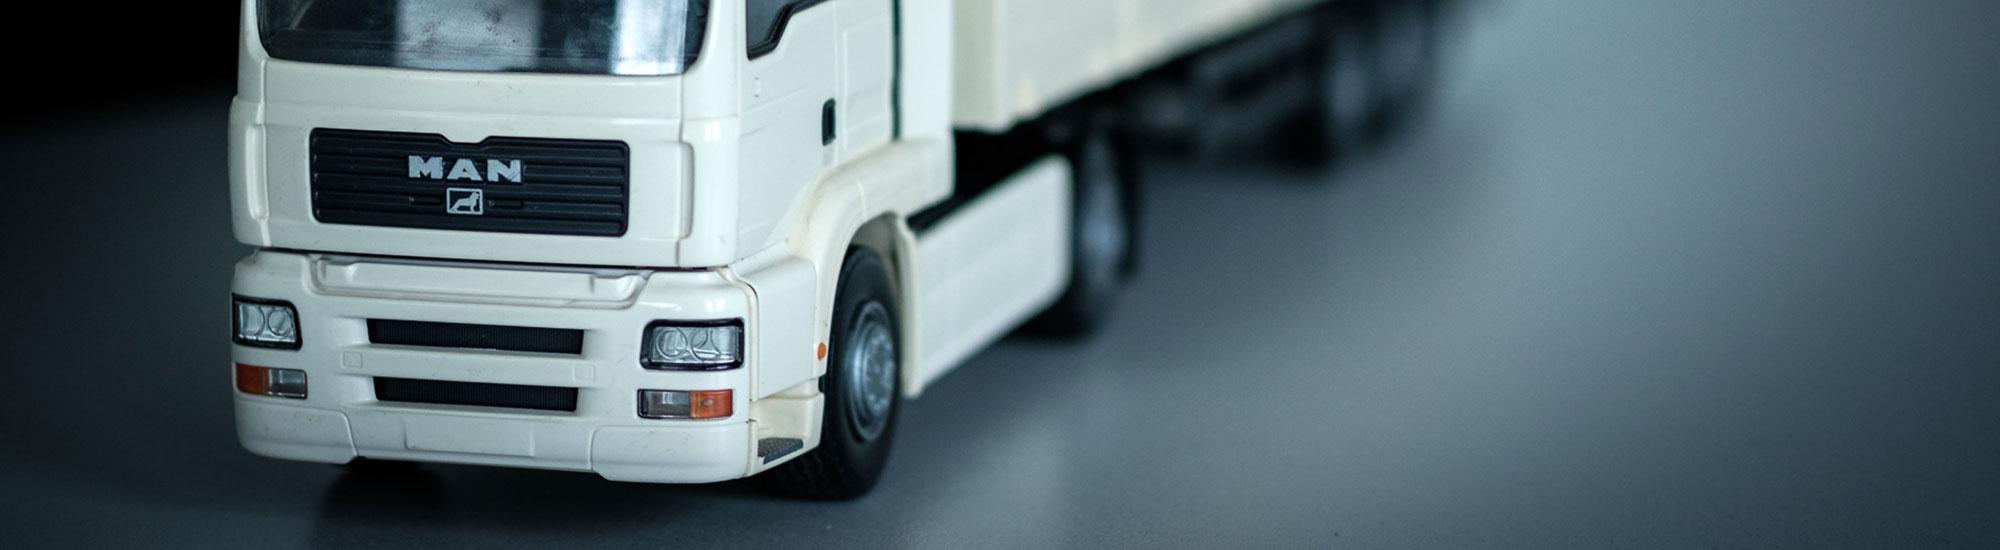 Bus- und Lkw-Führerschein/Berufskraftfahrer-Ausbildung